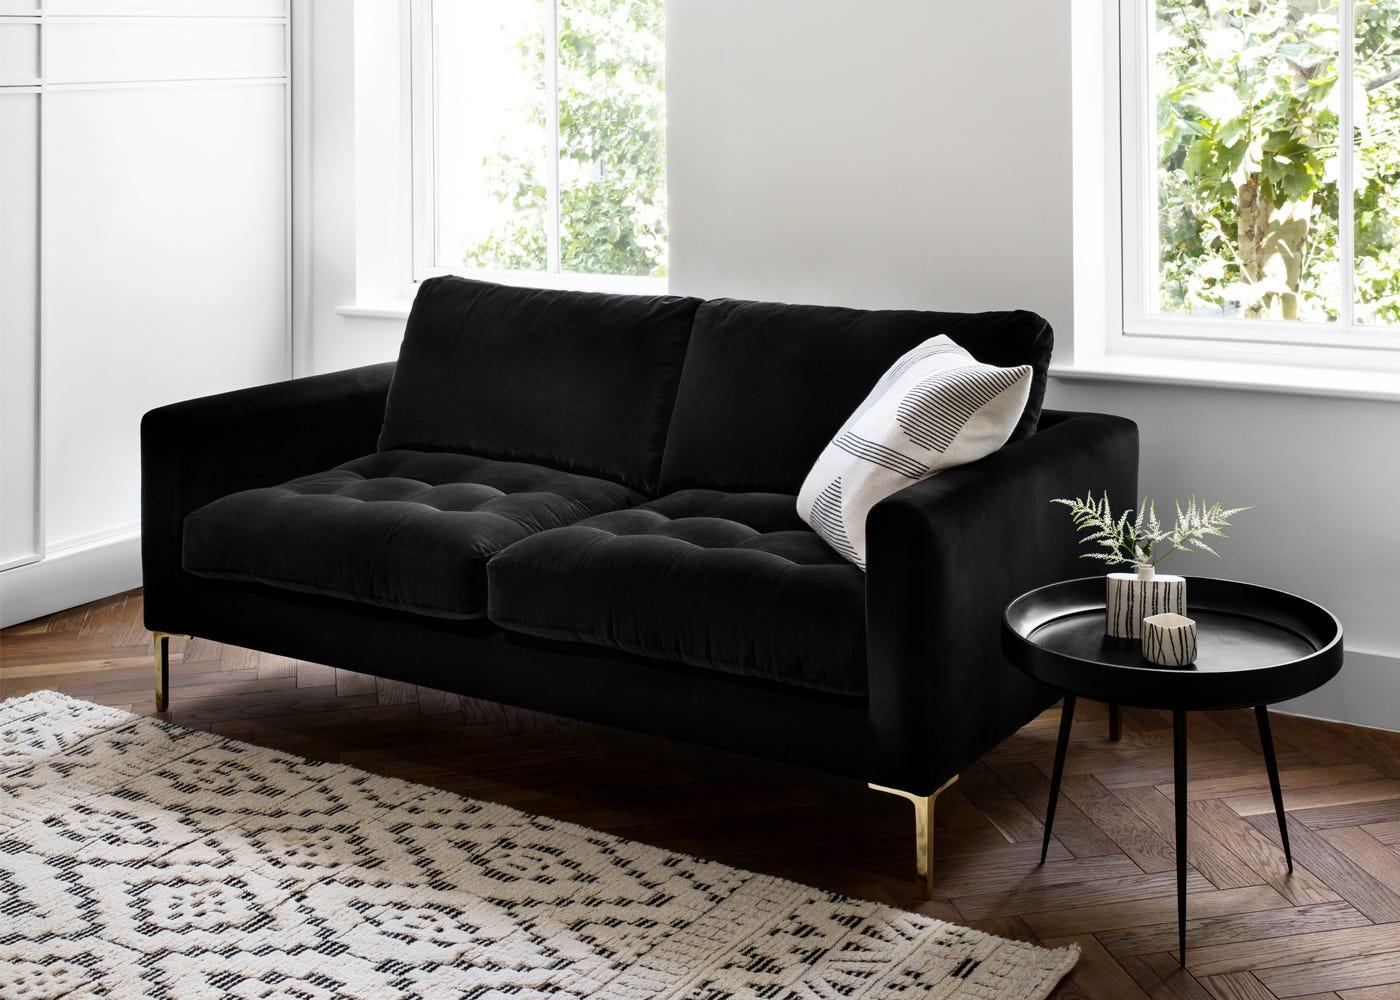 Eton 3 Seater Sofa in Velvet Black with Brass Legs